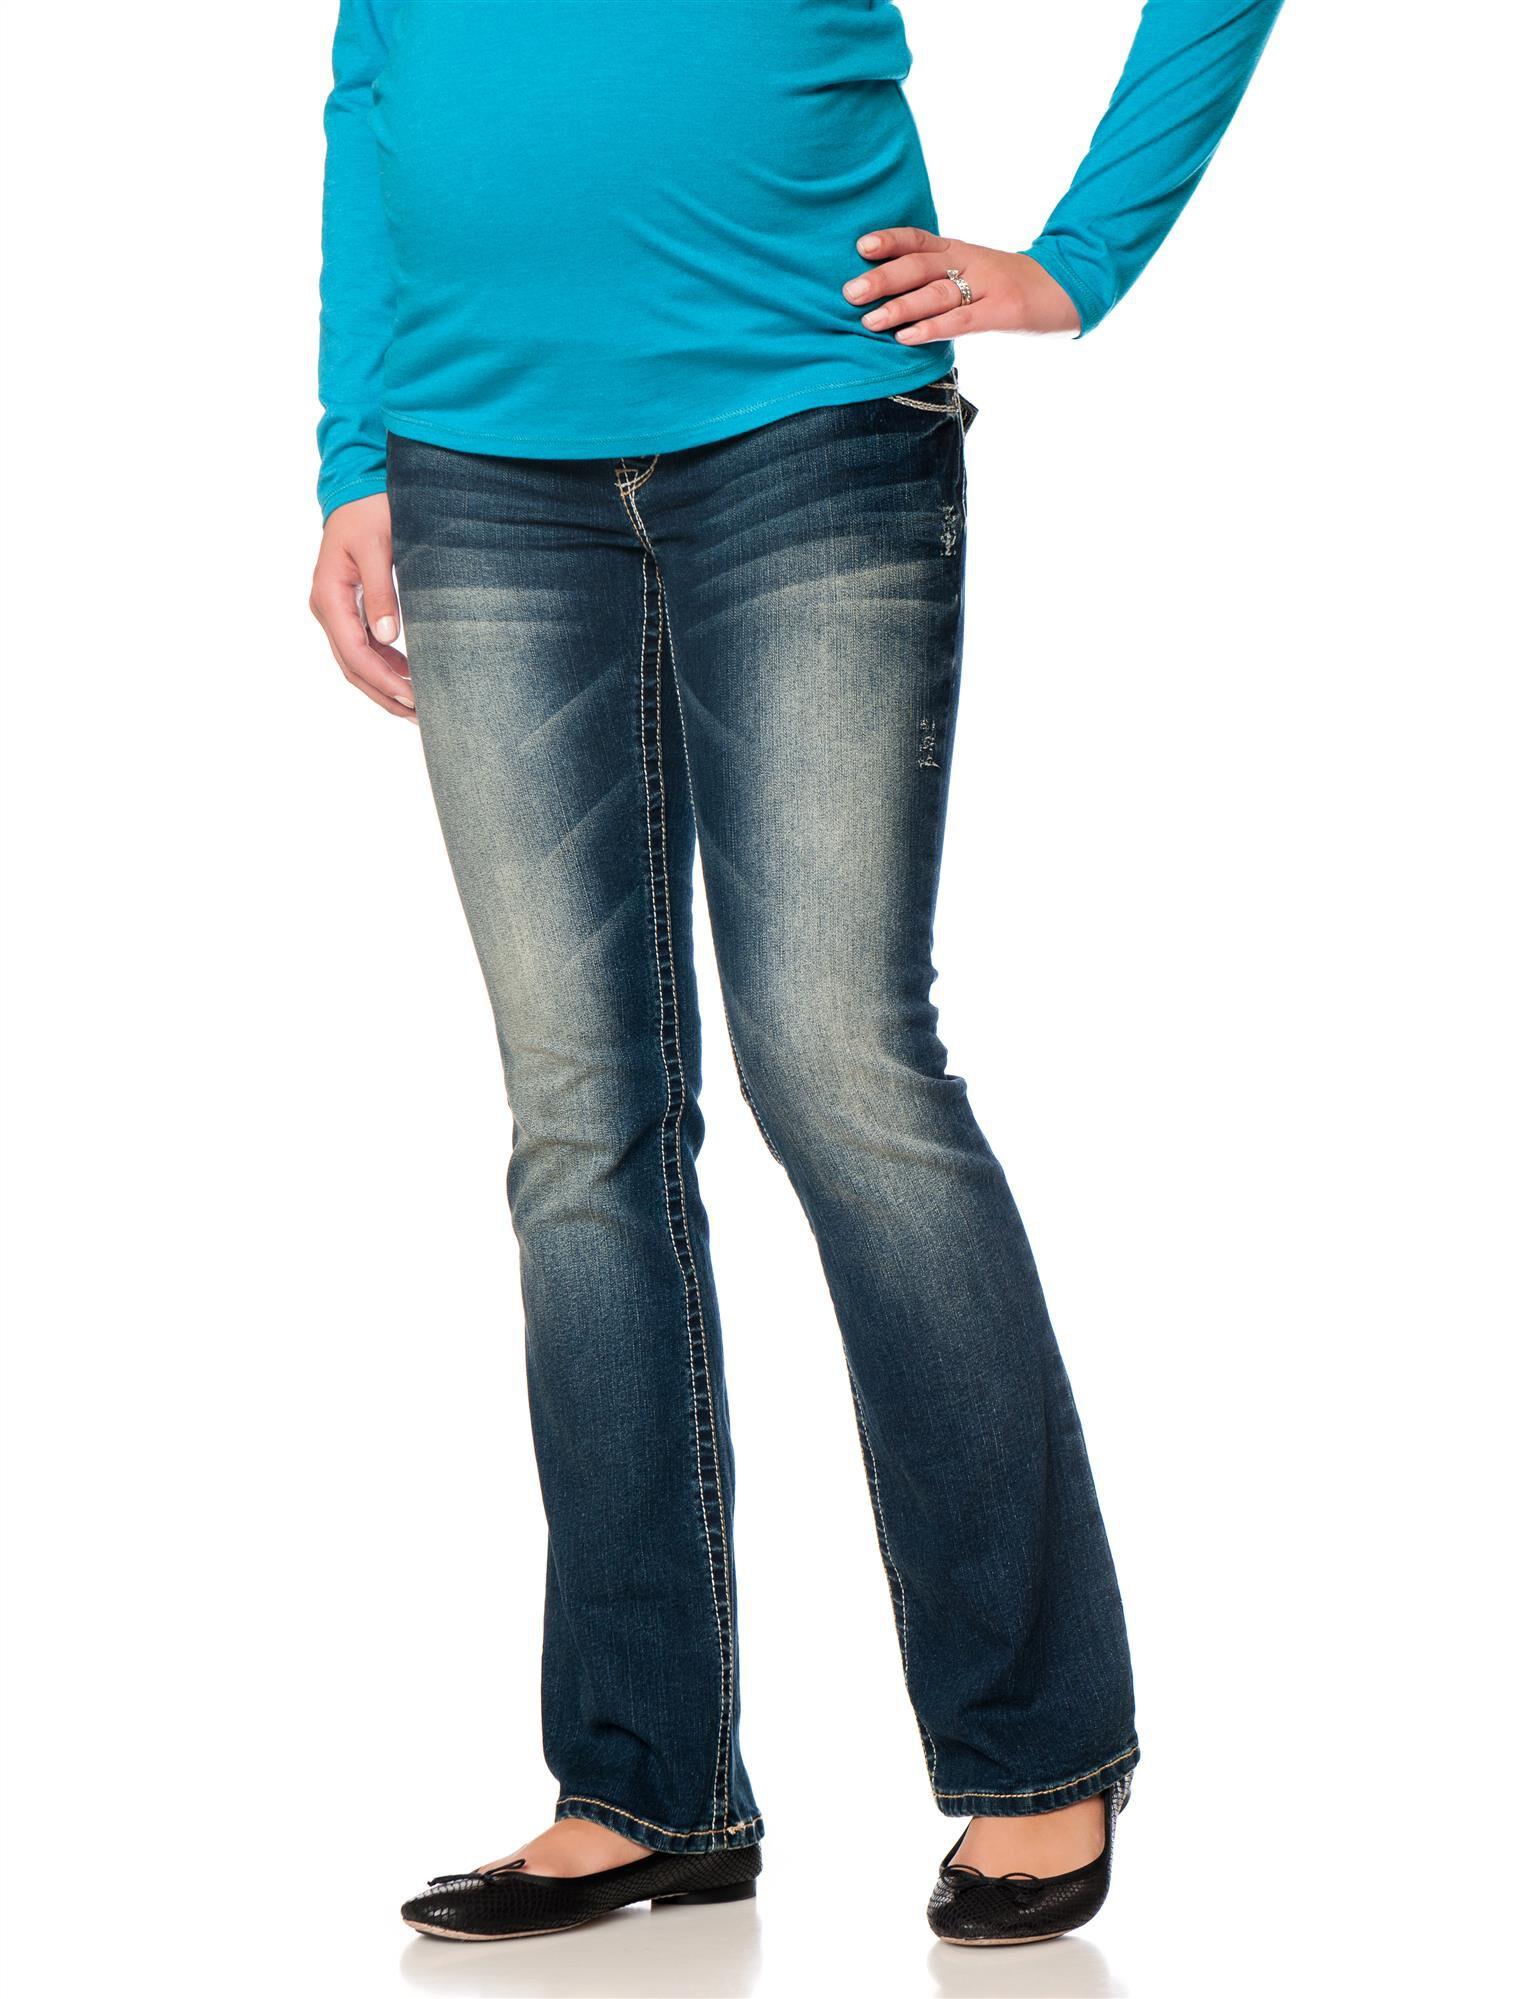 Wallflower Secret Fit Belly Boot Maternity Jeans